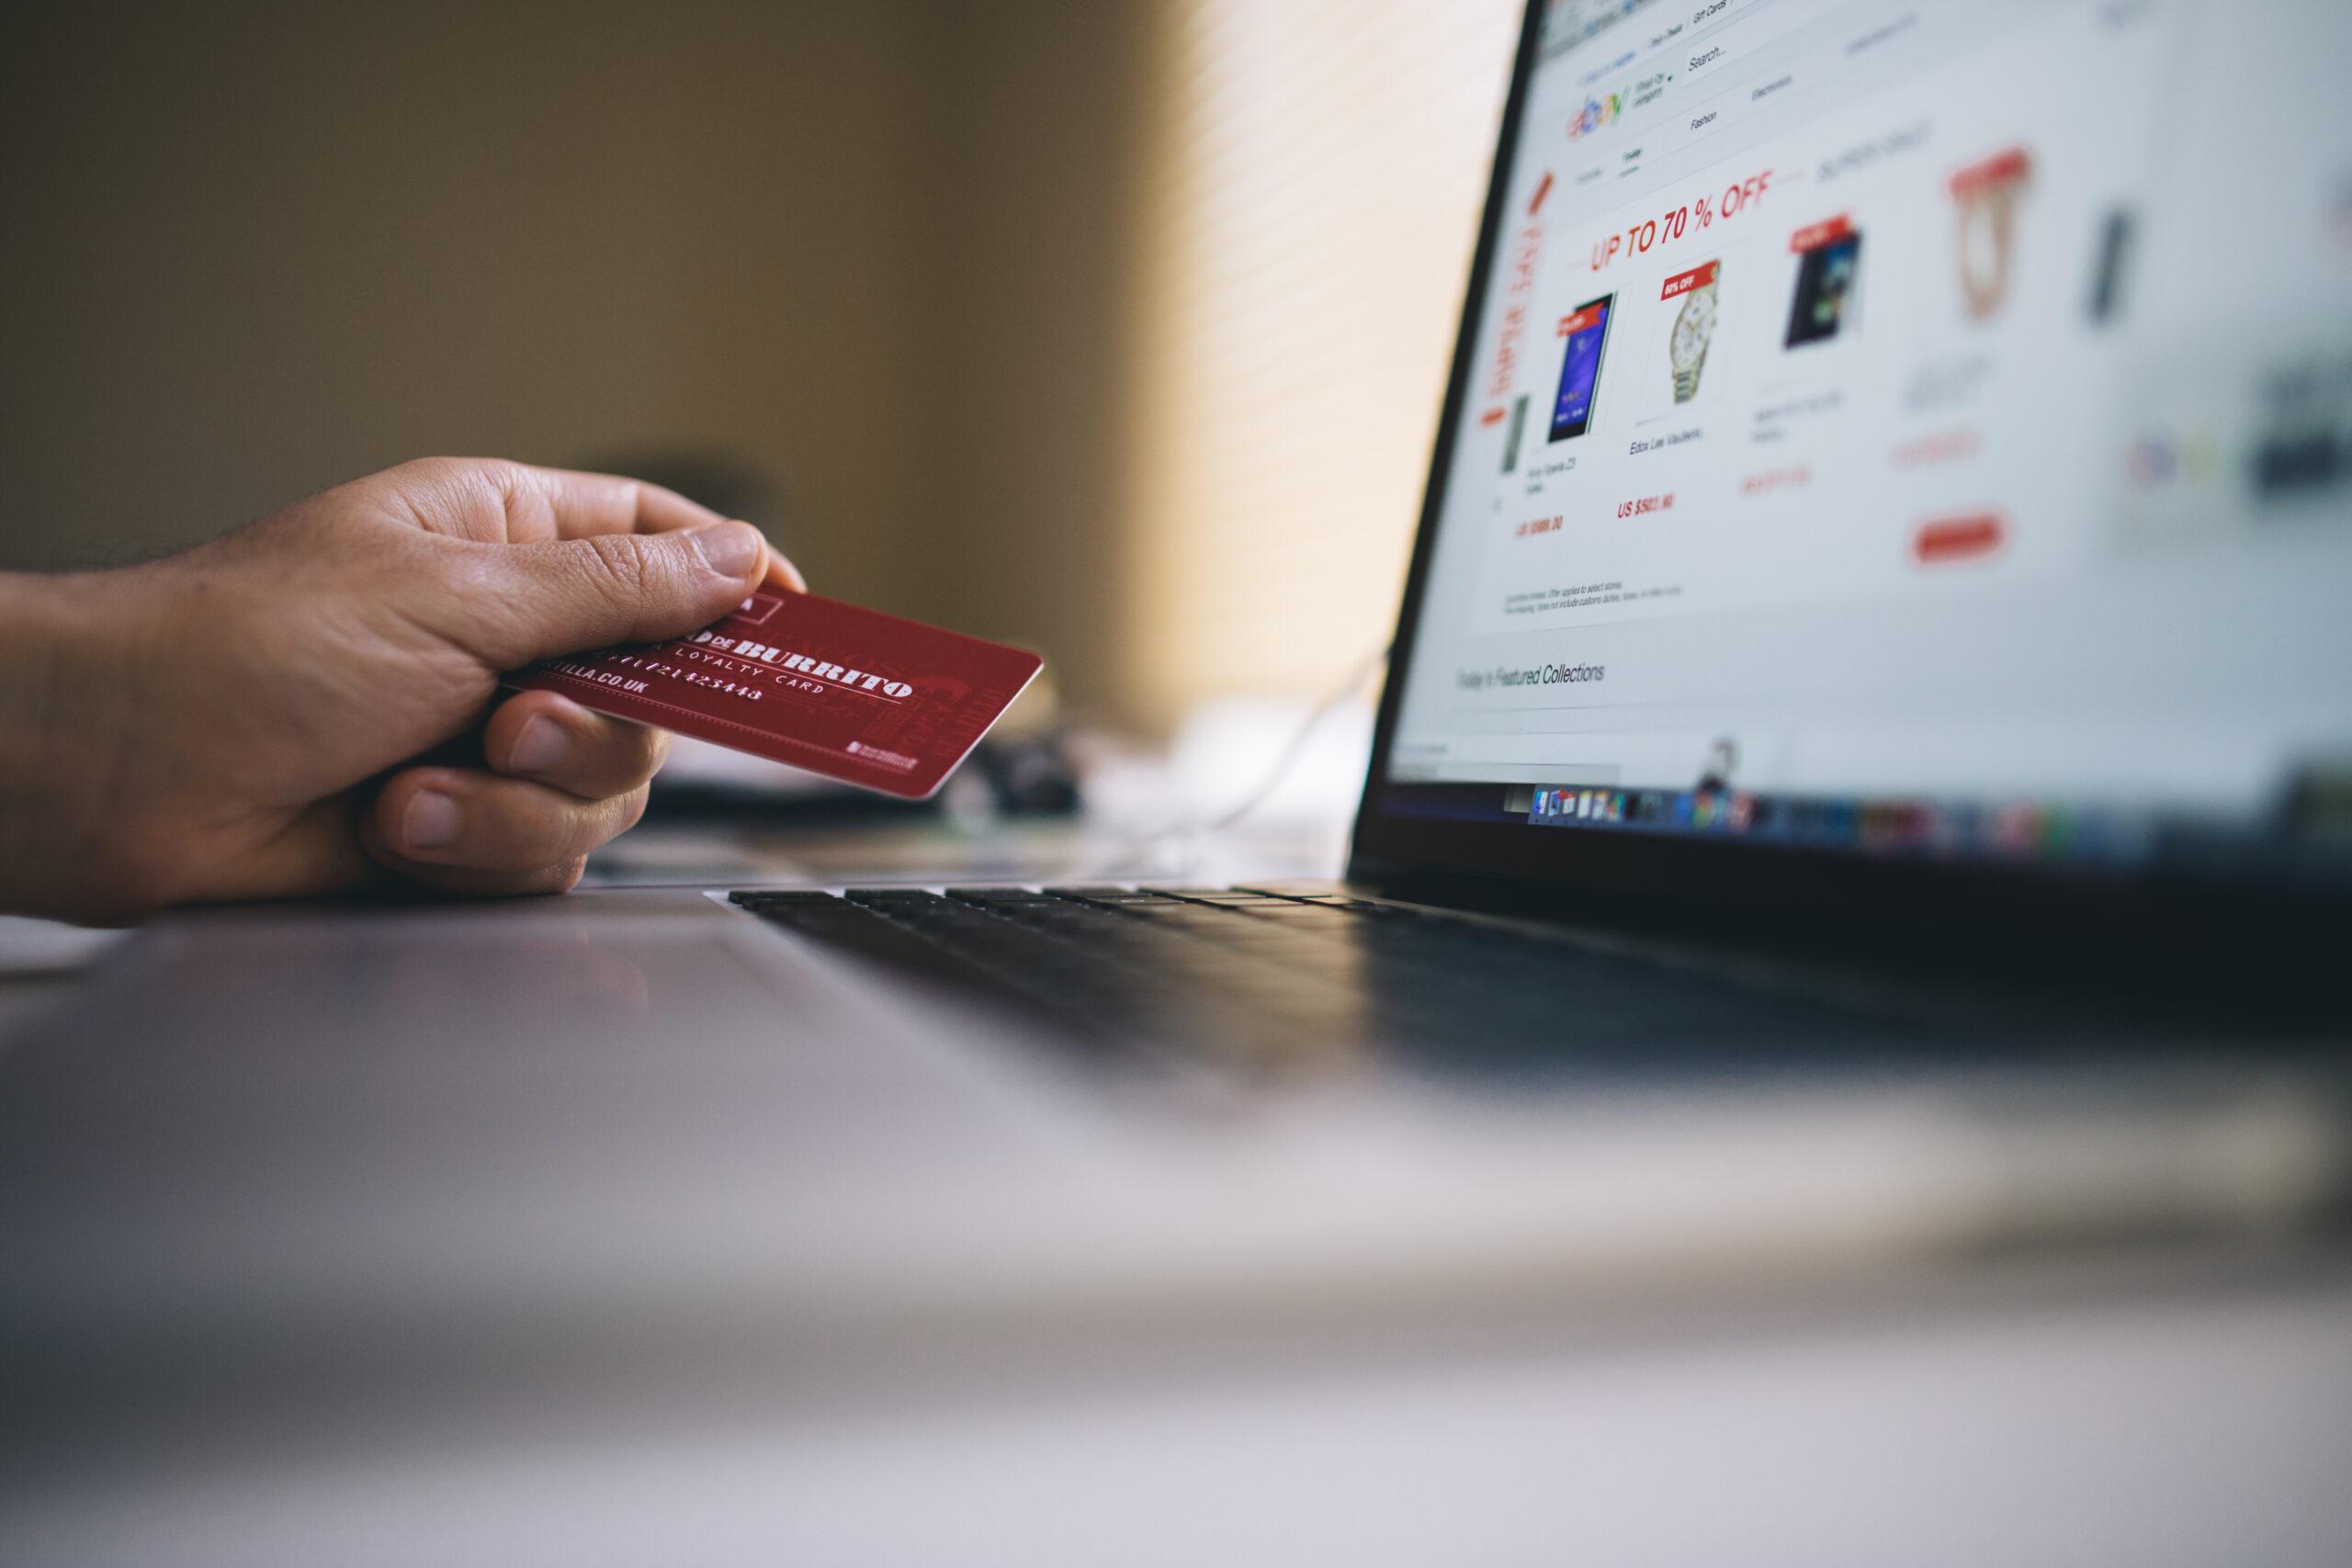 Sfaturi anti phishing de la ING